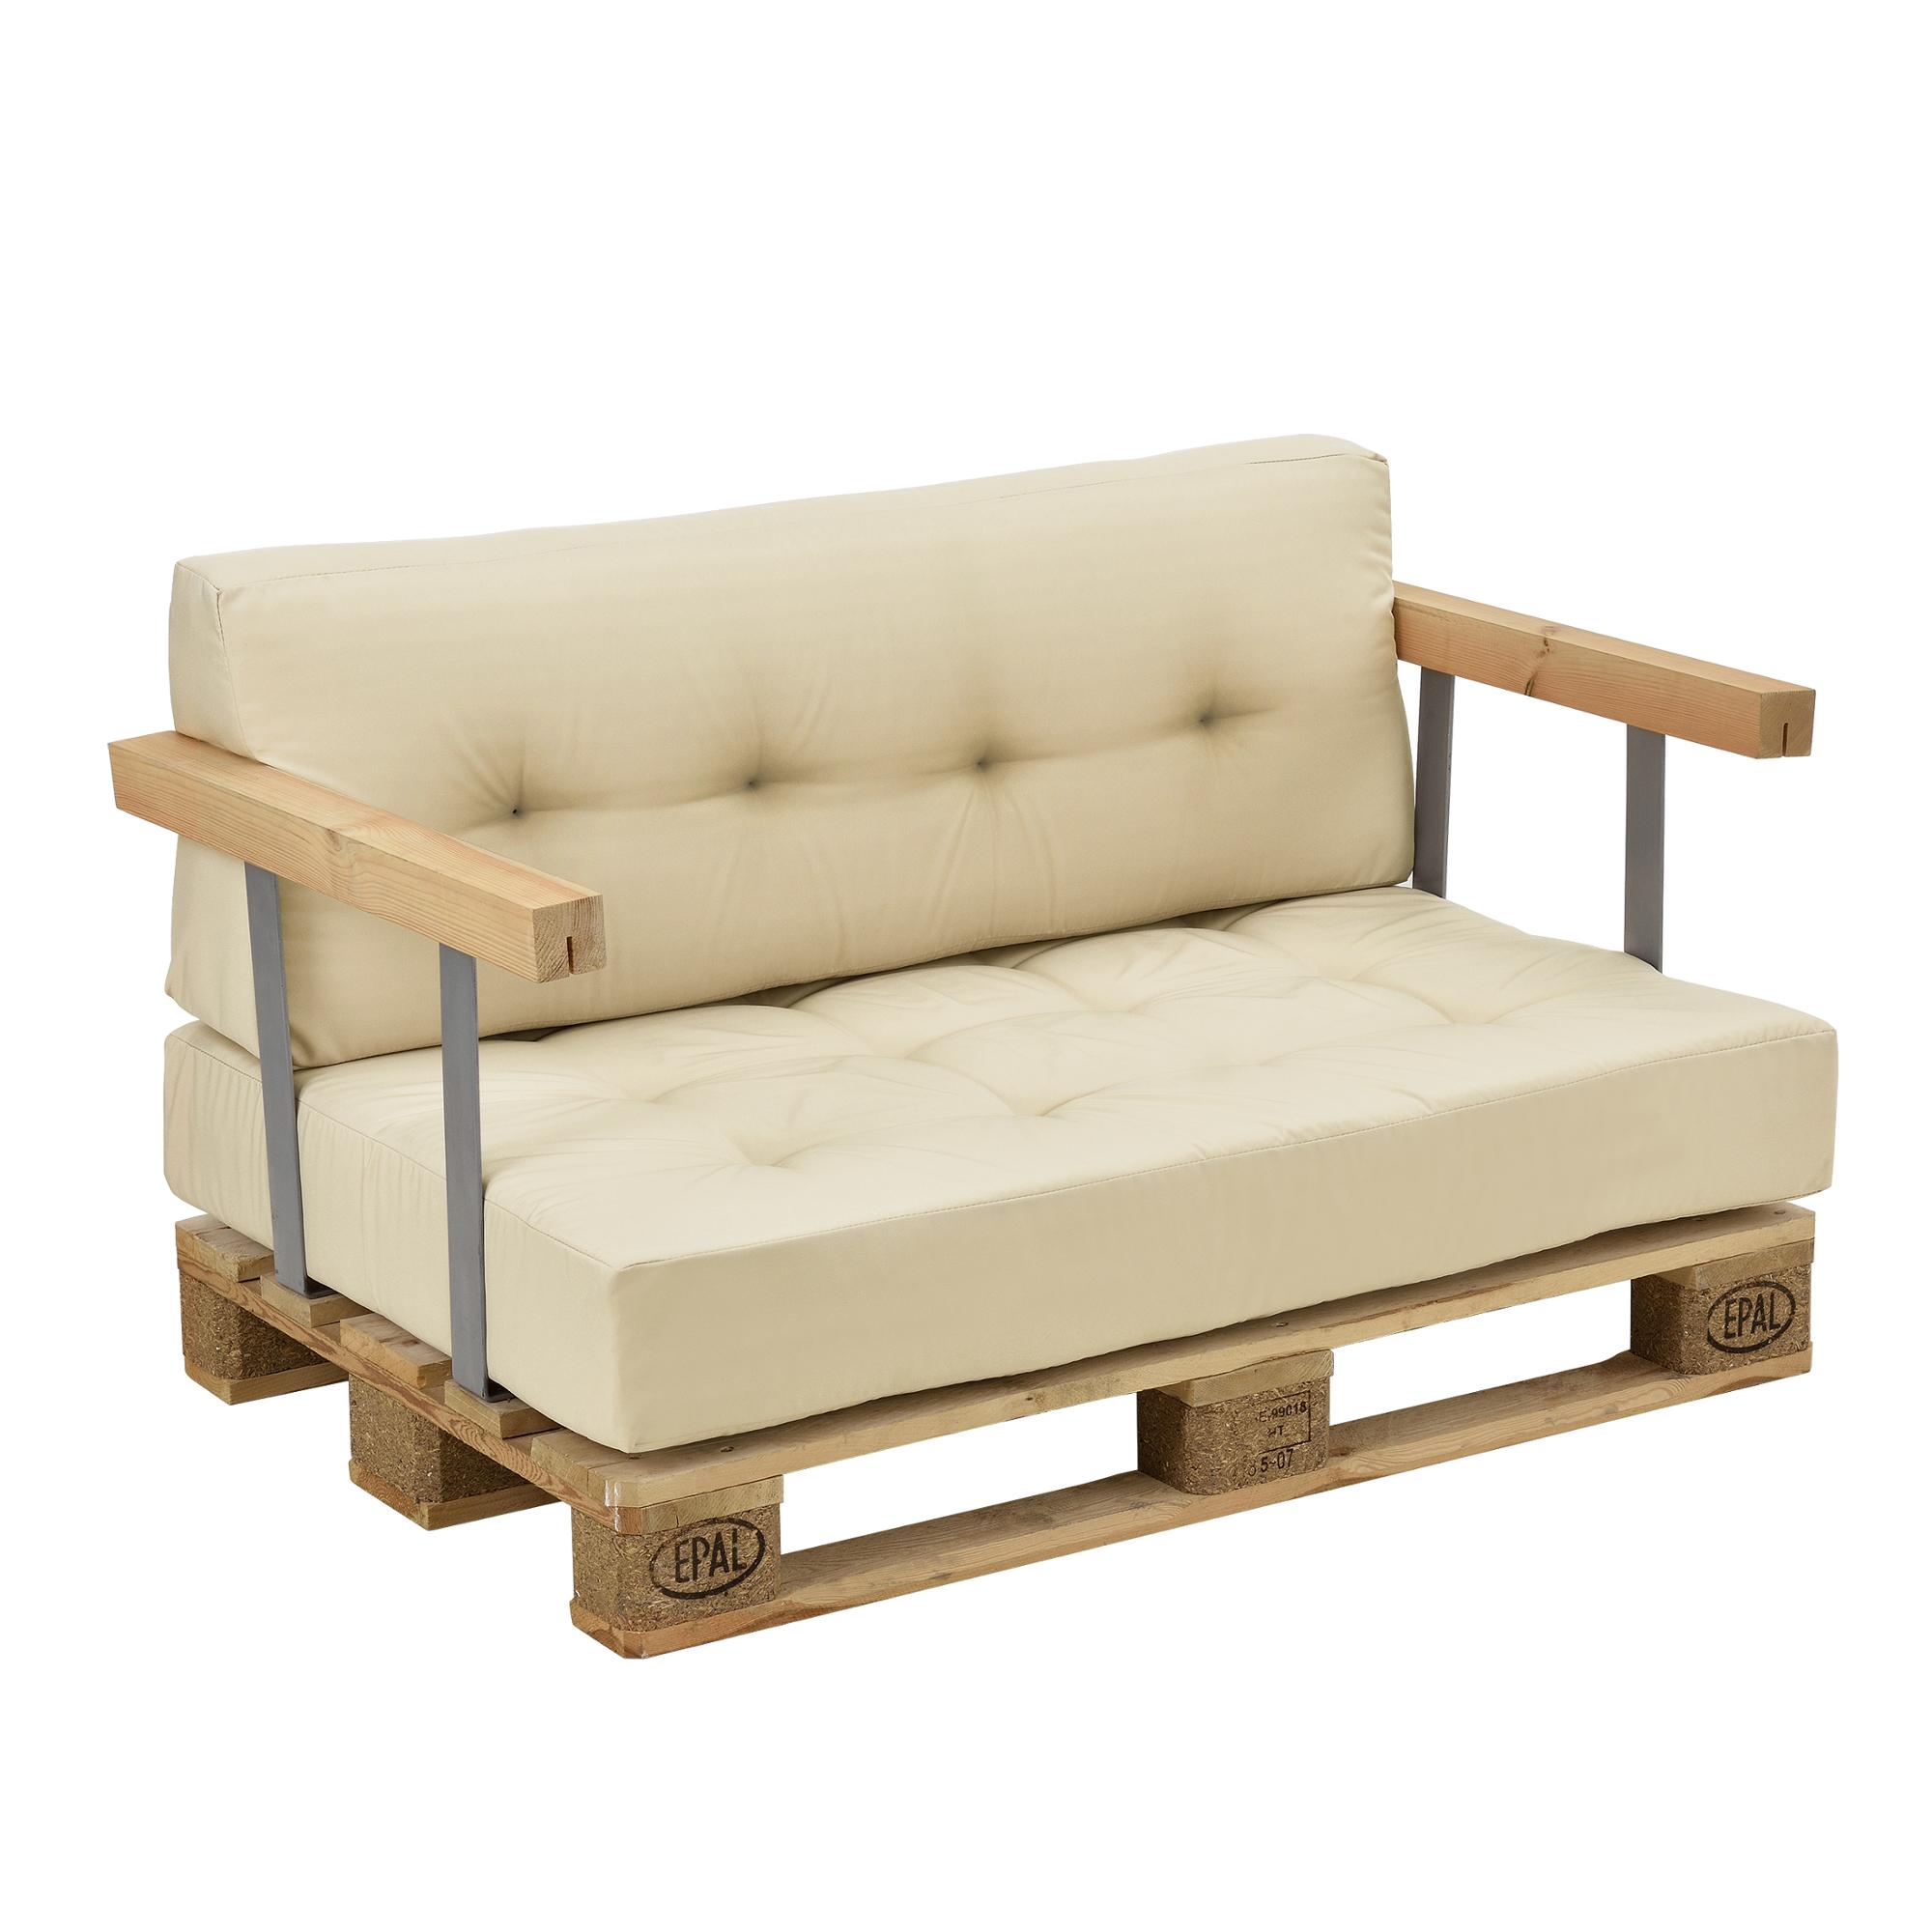 euro paletten sofa beige 2 sitzer mit paletten. Black Bedroom Furniture Sets. Home Design Ideas